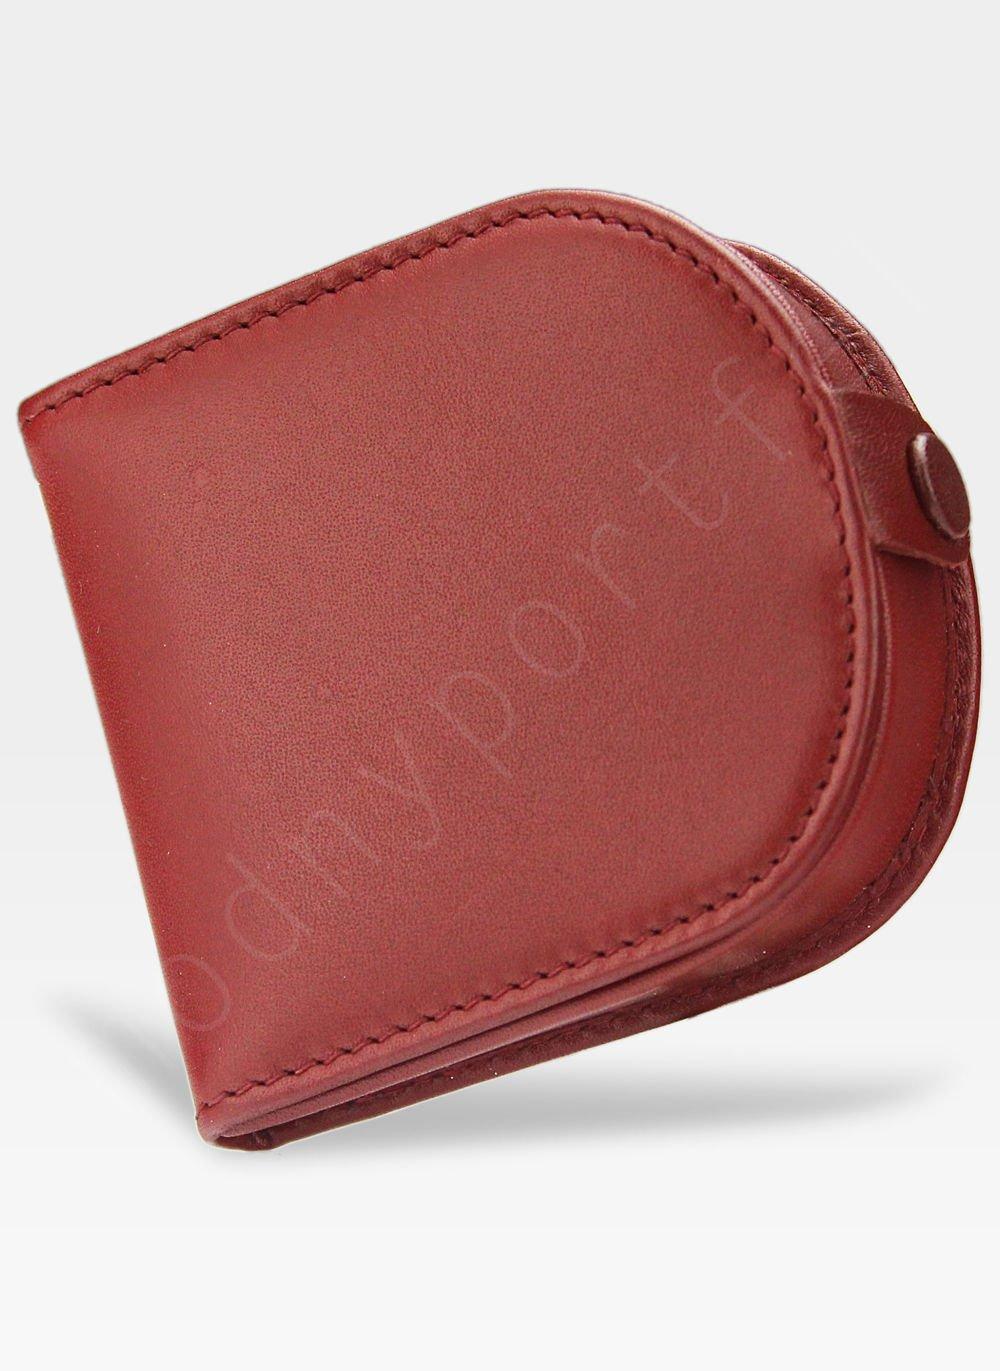 08cafa100e771 Kliknij, aby powiększyć · Visconti Podkówka Portfel Męski Skórzany Wysokiej  Jakości Skóra Czerwony